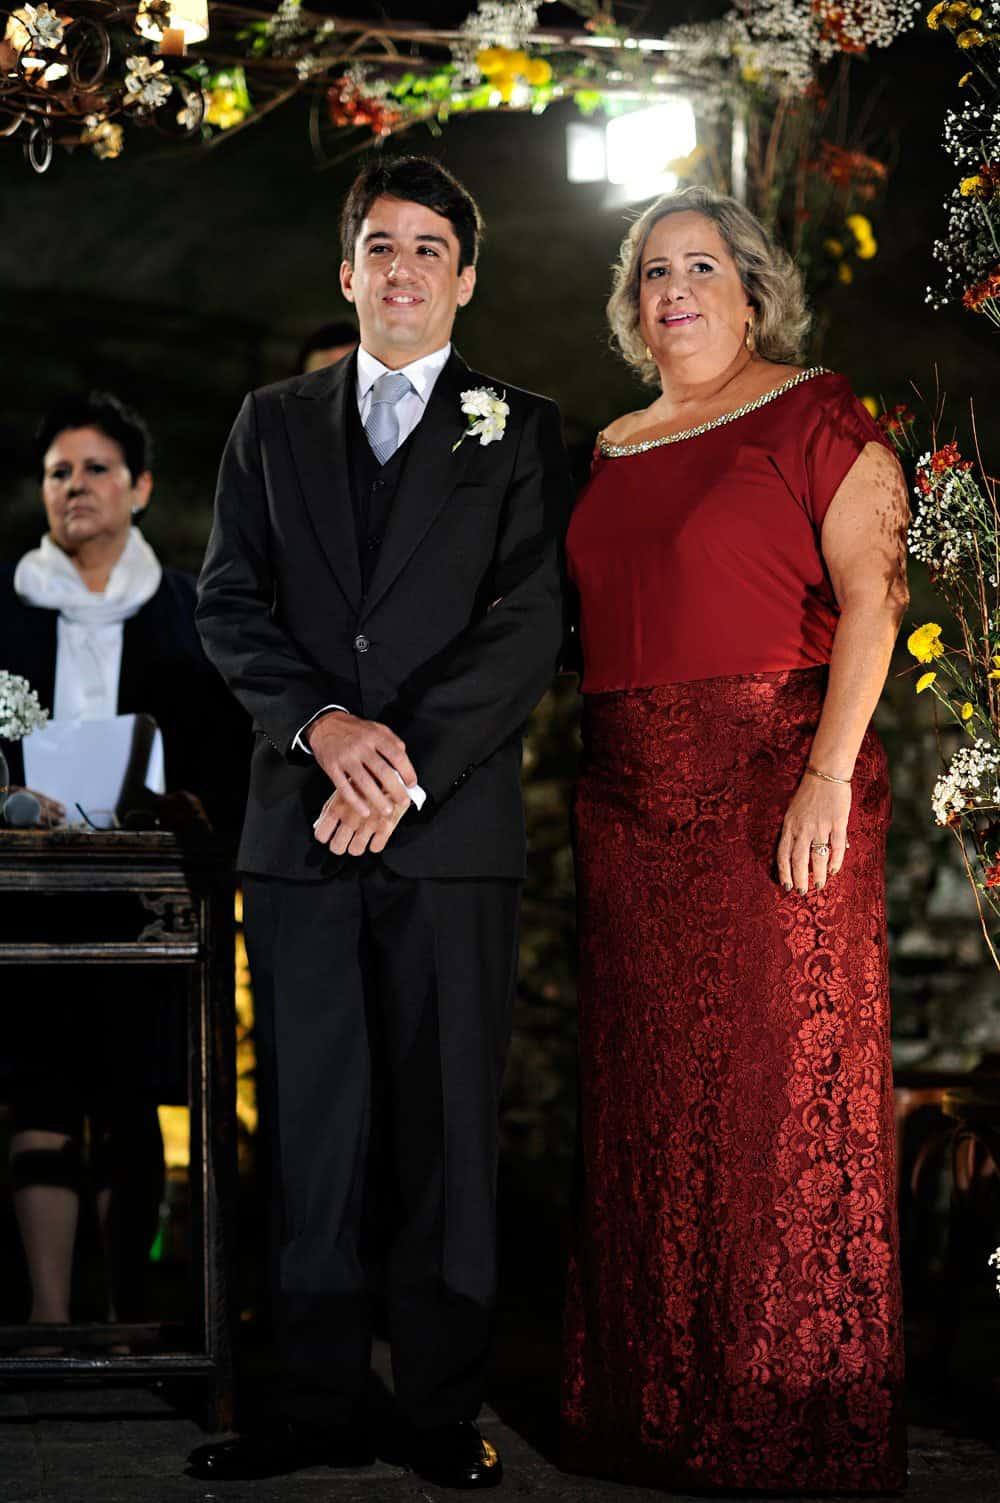 casamento-real-mariana-e-vinicius-caseme-9